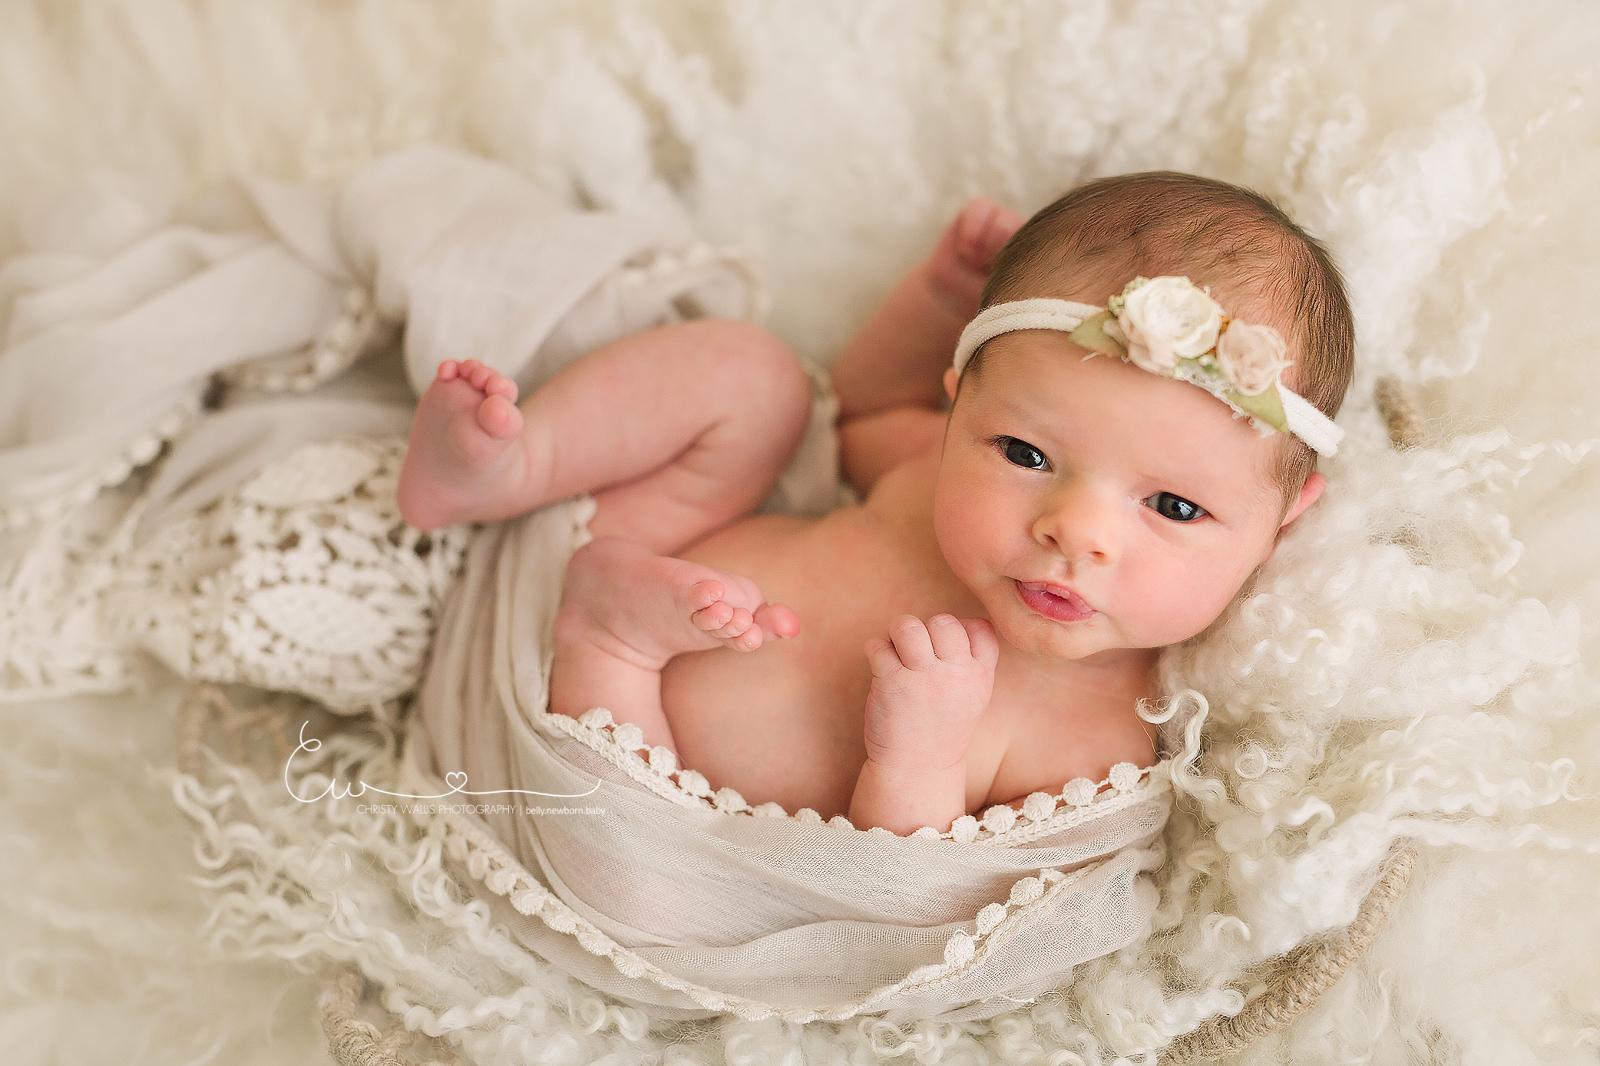 Newborn Photoshoot Taken Before 1 Twin Passed Away   POPSUGAR Family   1066x1600